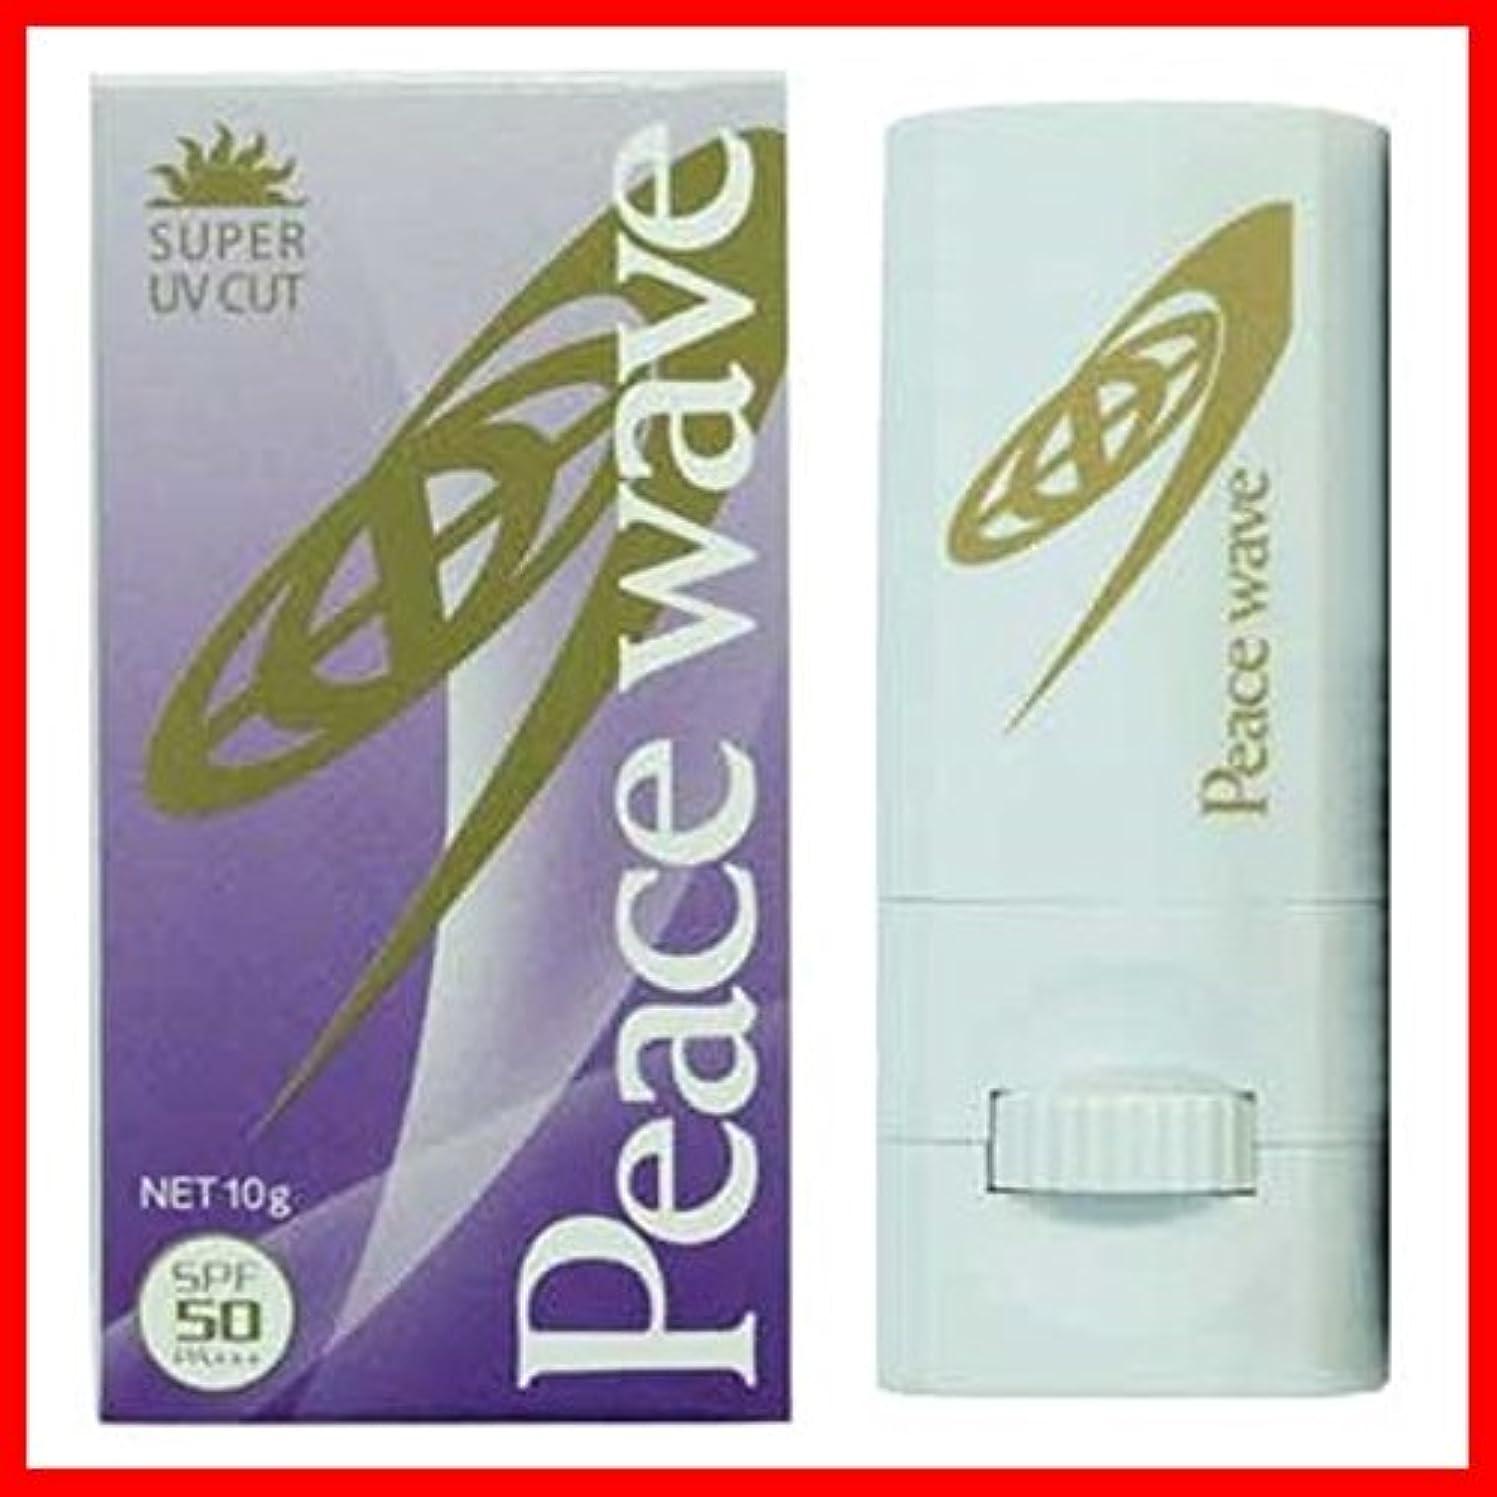 ラショナル散歩に行く劇的PEACE WAVE(ピースウェーブ) UVフェイススティックSPF50